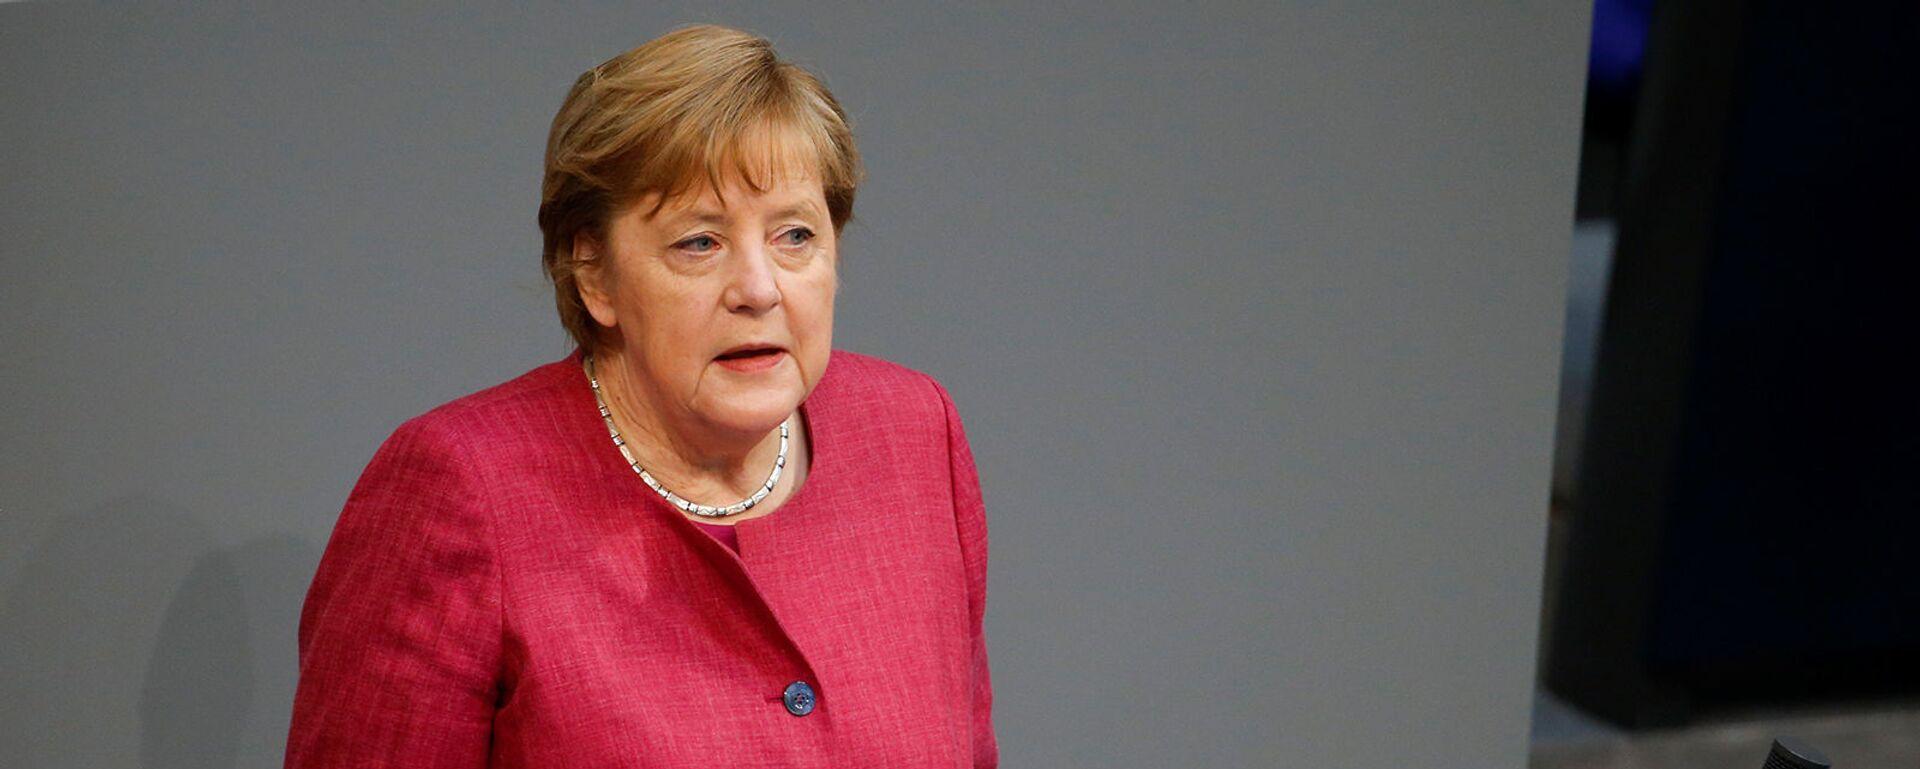 Канцлер Германии Ангела Меркель выступает на заседании бундестага нижней палаты парламента, посвященном мерам по борьбе с коронавирусом (16 апреля 2021). Берлин - Sputnik Արմենիա, 1920, 29.07.2021